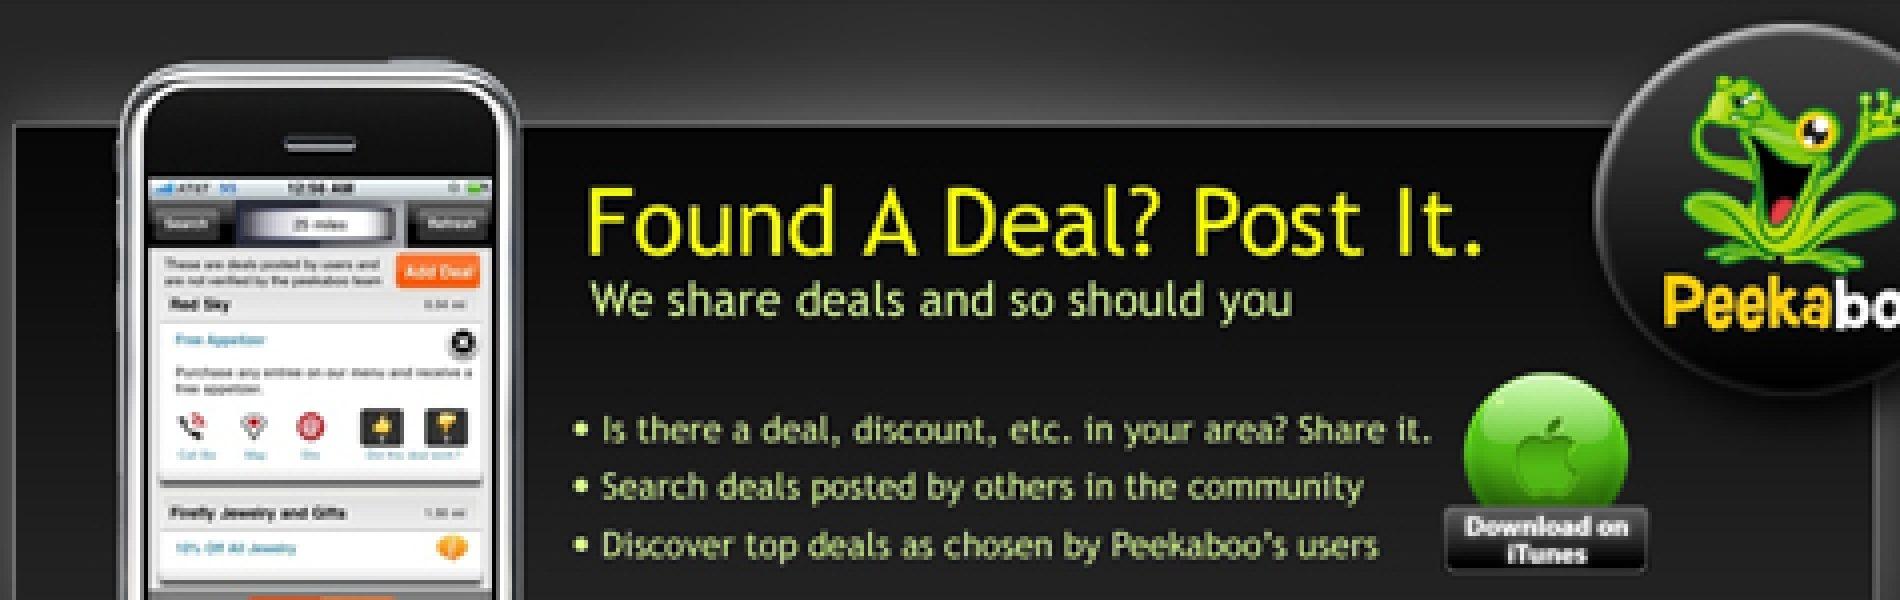 REVIEW: Peekaboomobile.com